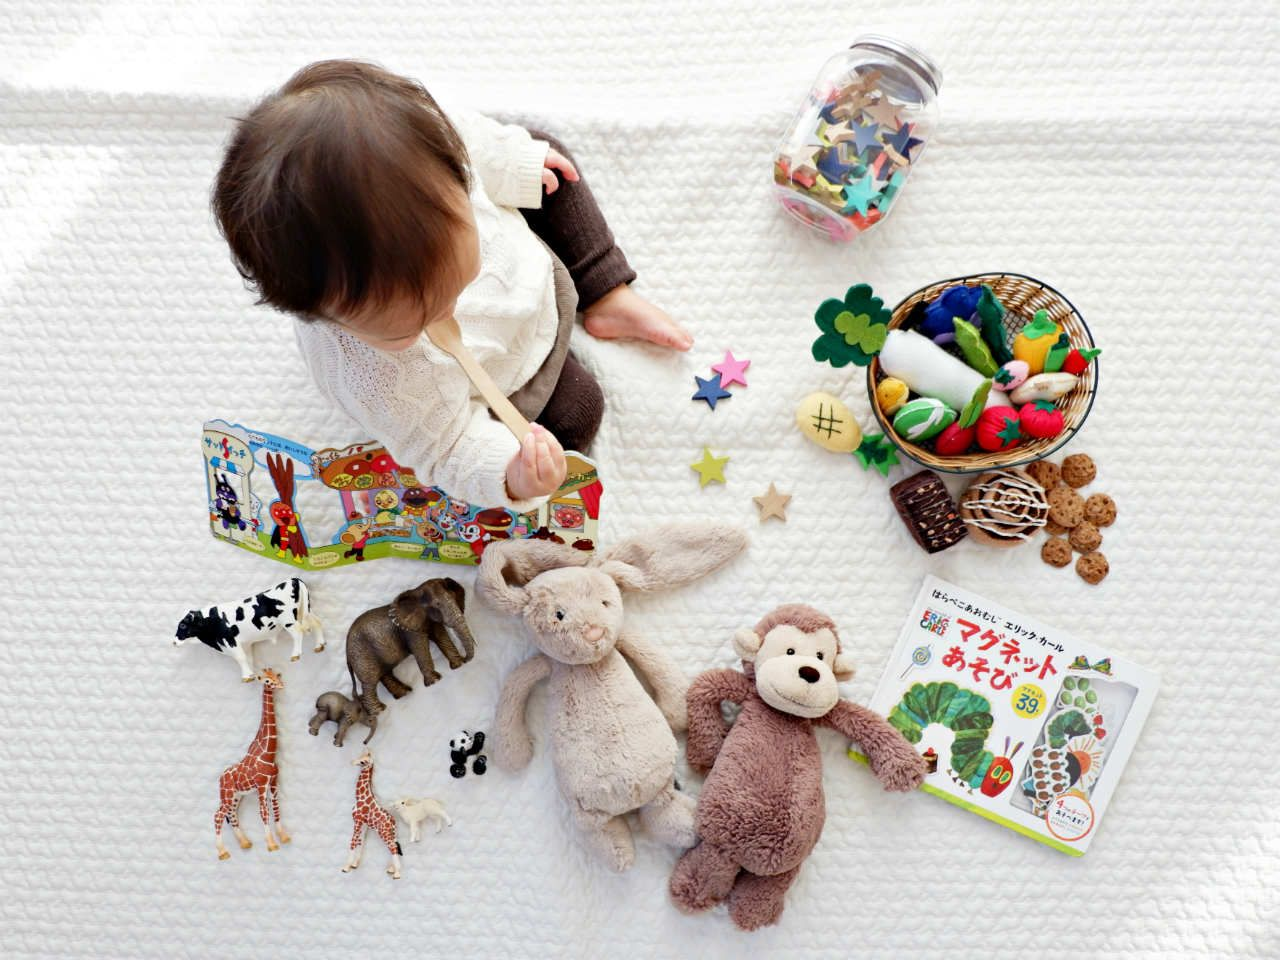 Zabawki antystresowe i progresywne – czym są i dlaczego